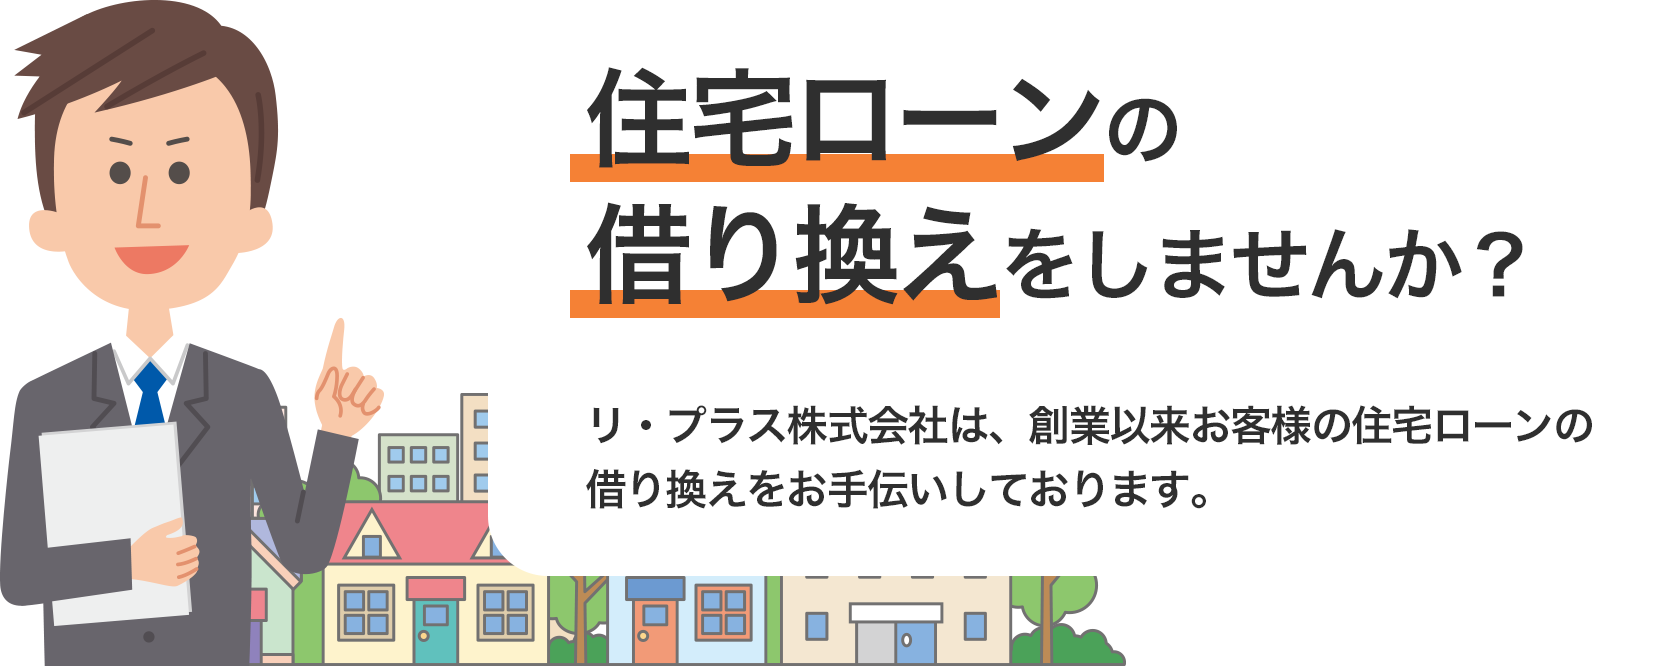 住宅ローンの借り換えをしませんか?リ・プラス株式会社は、創業以来お客様の住宅ローンの借り換えをお手伝いしております。